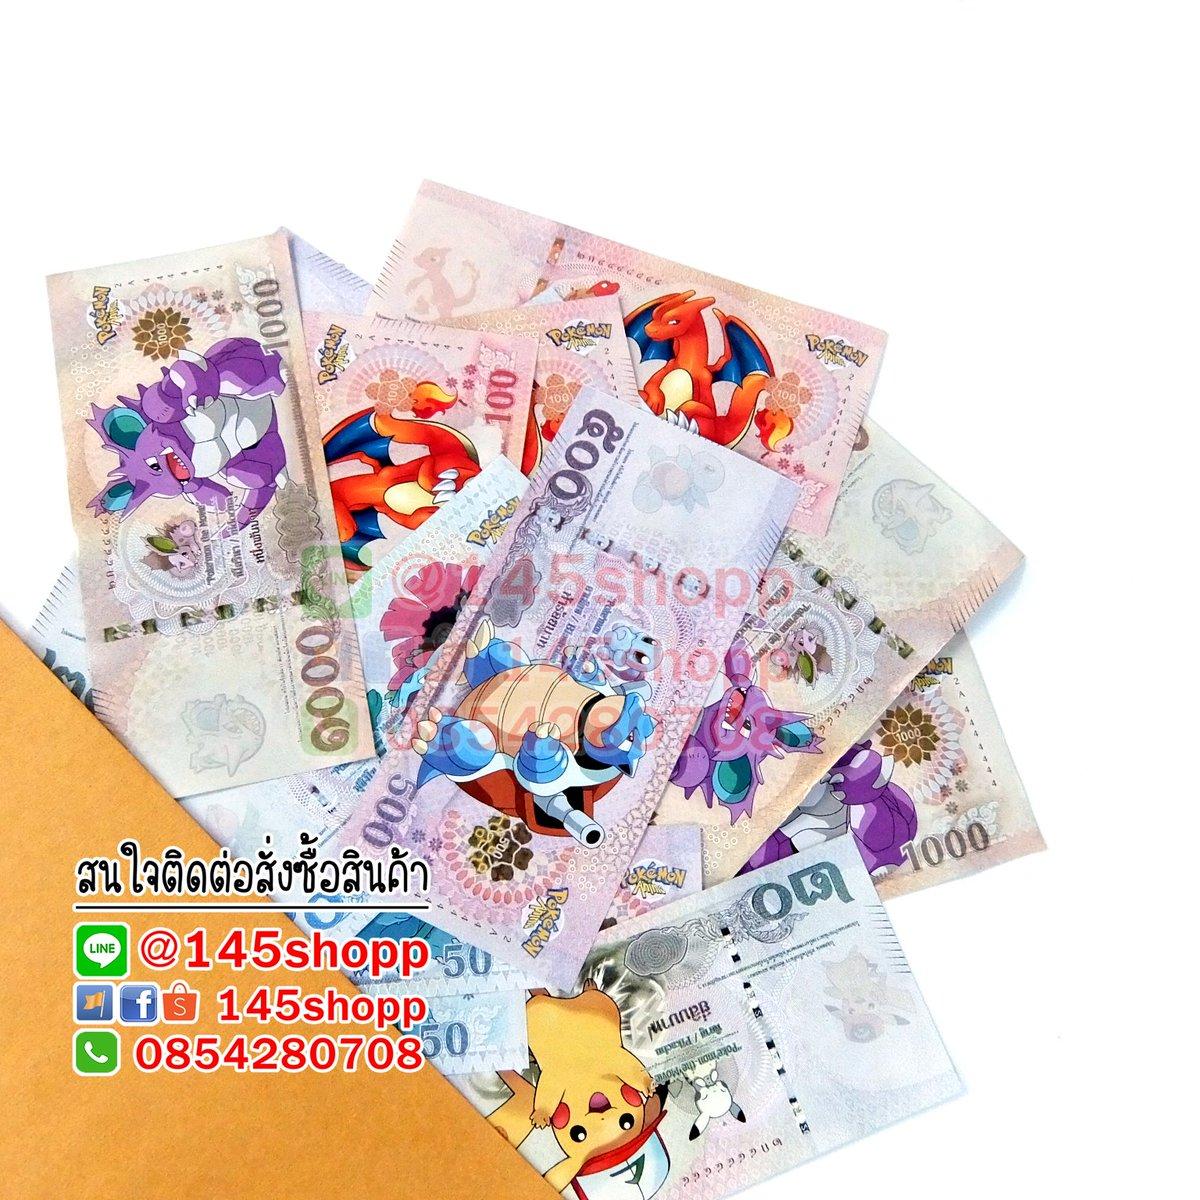 #แบงค์กาโม่ ห่อละ10฿ ได้20ใบ/1ห่อ คละแบงค์ ให้ ราคาส่ง โหลละ/12ห่อ ราคา 70บาท เนื้อกระดาษแบบมันอย่างดี สีสวย  สั่งซื้อสินค้า Line: @ 145shopp (มี@นำหน้า) หรือกดที่ลิงค์ https://t.co/PDybU5JVYf #แบงค์ปลอม #แบงค์การ์ตูน #แกล้งเพื่อน #พร็อพตกแต่ง #พร็อพถ่ายรูป #ประกอบฉาก #ธนบัตร https://t.co/epoegXszjC